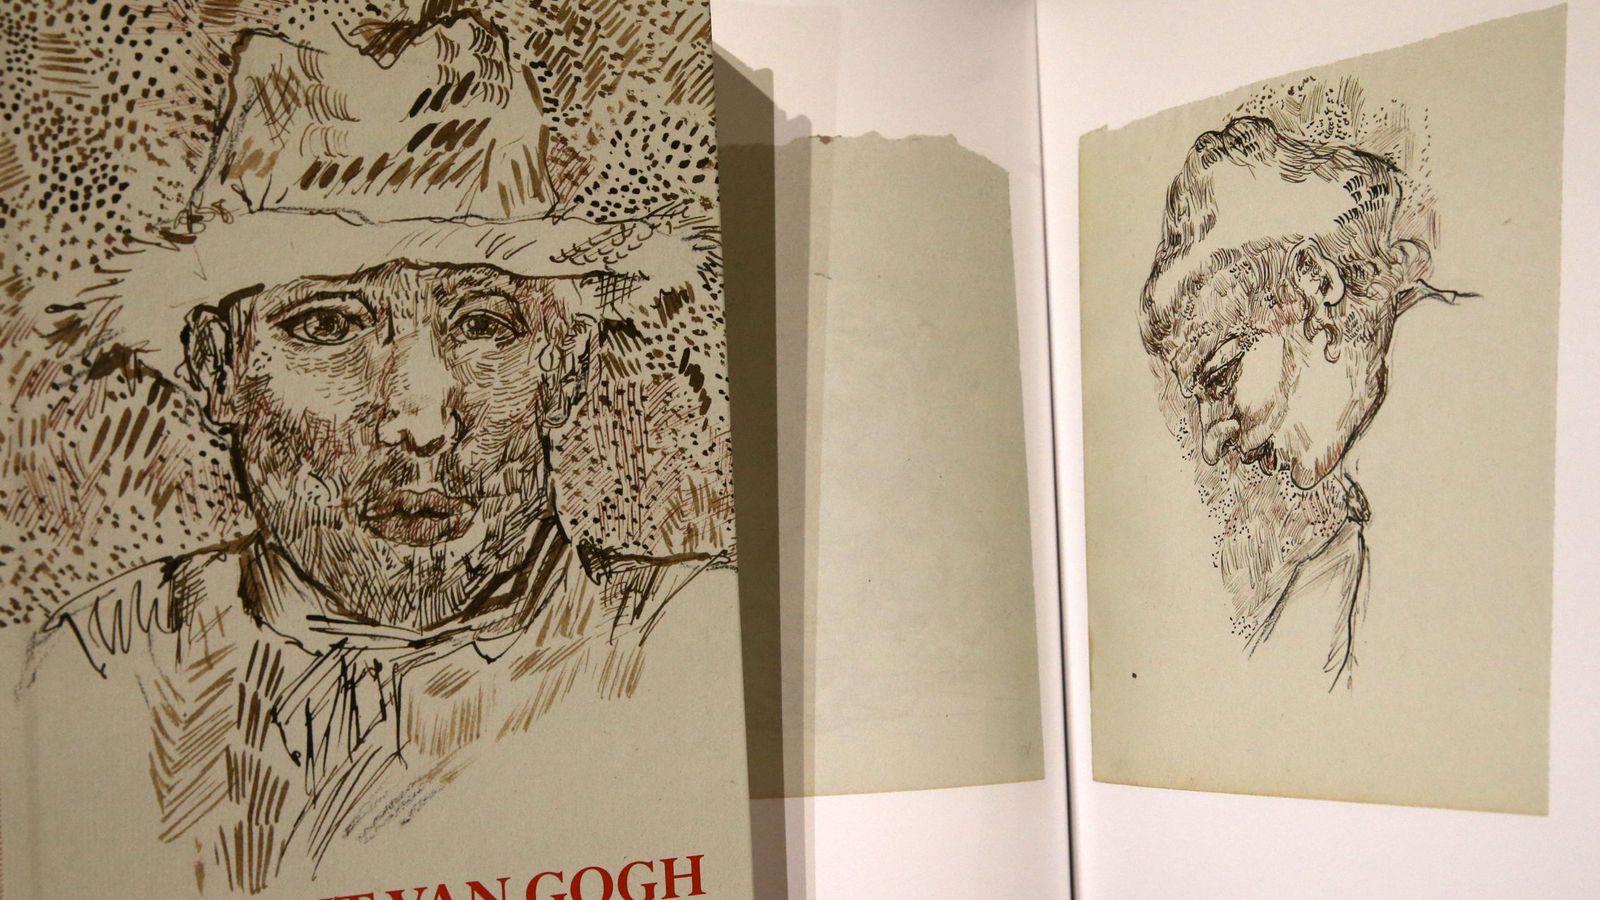 El Cuaderno De Dibujos Inédito De Van Gogh No Es De Van Gogh